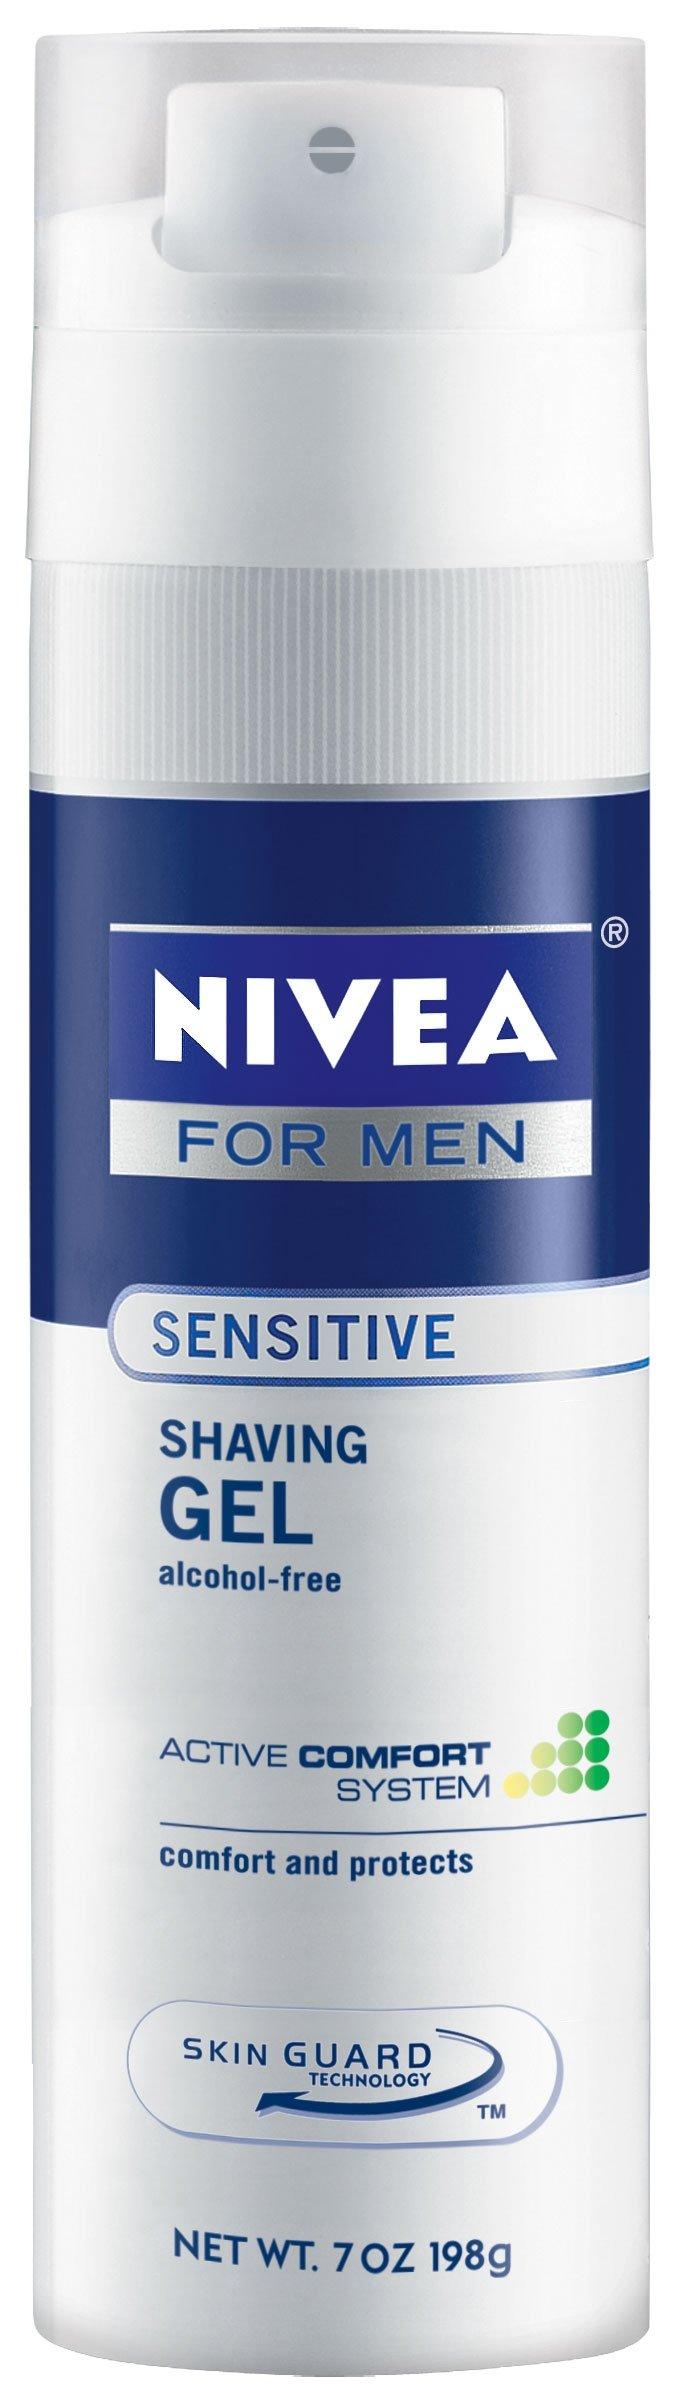 Nivea For Men Sensitive Shave Gel, 7-Ounce Canister (Pack of 12)